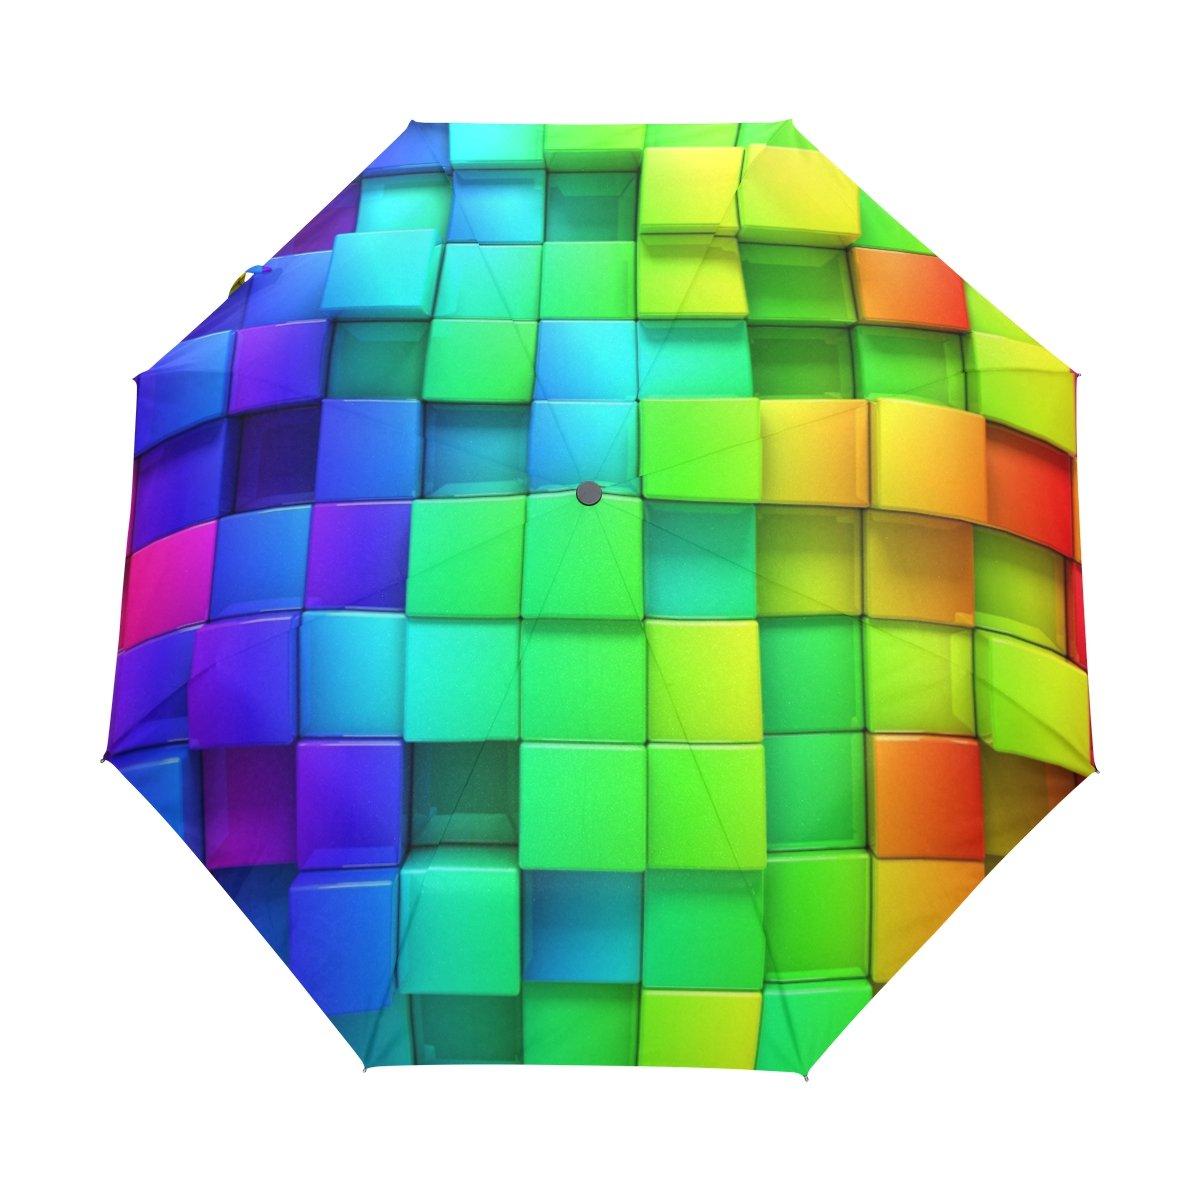 lavovoカラフル正方形傘ダブルキャノピー自動オープンand Close折りたたみ式旅行雨傘   B073TSVRBJ